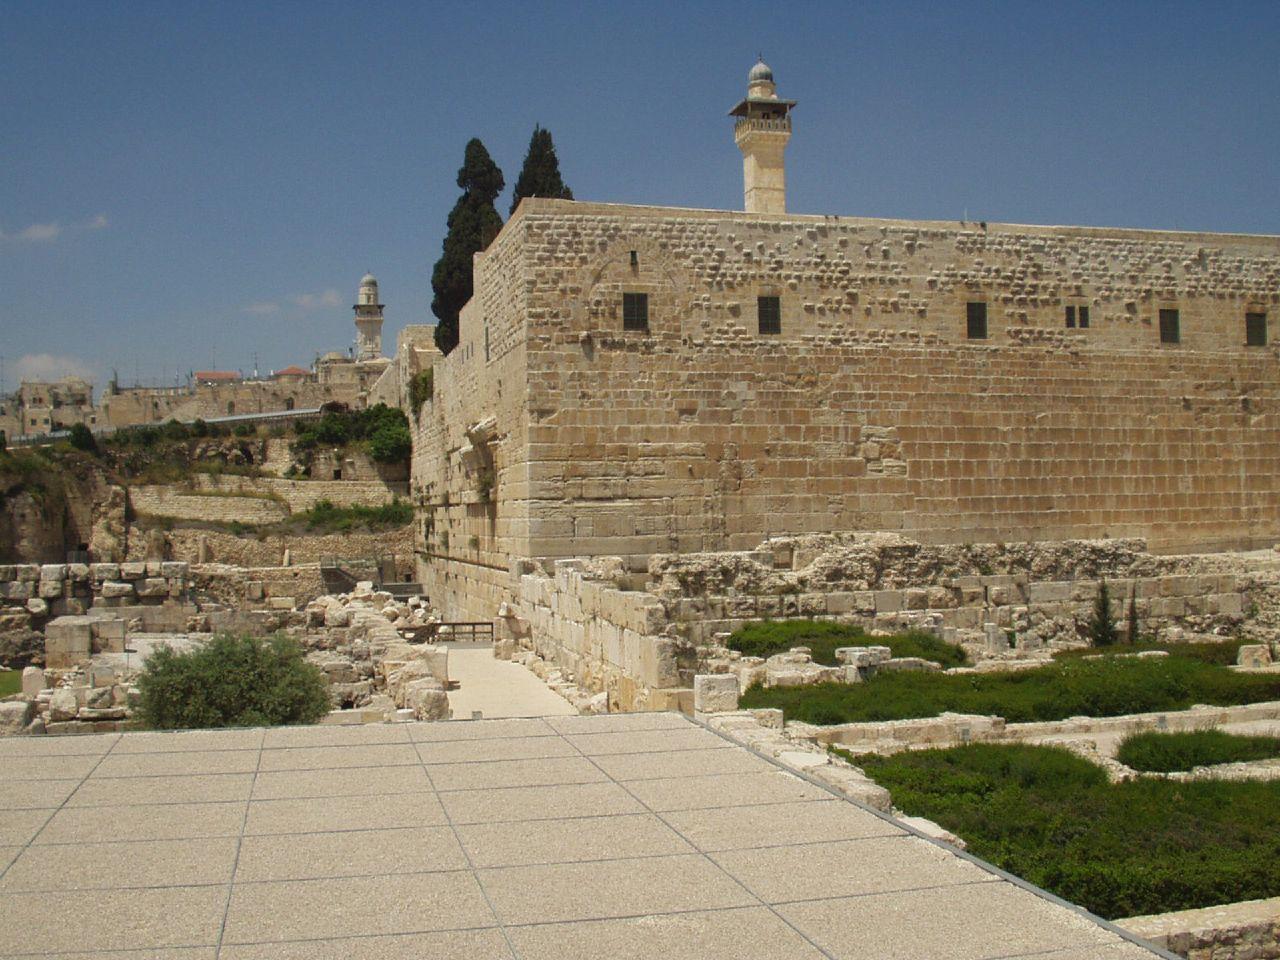 بعض الصور الراااائعة لمدينة القدس  Jerusalem-10218